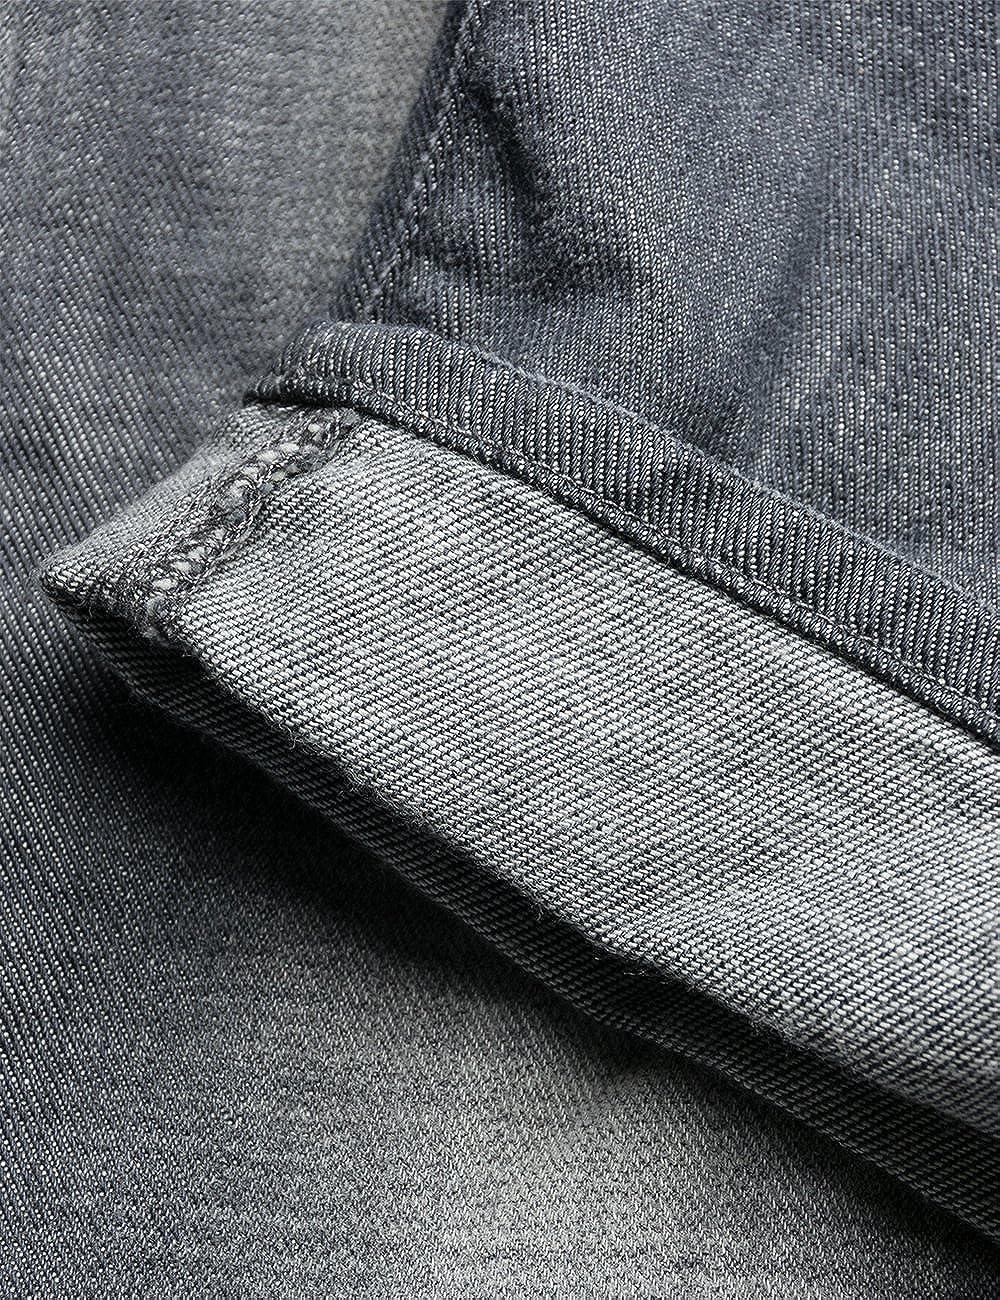 Replay WA698 34A 867 009 Pilar  Damen Jeans Grau Trousers Denim